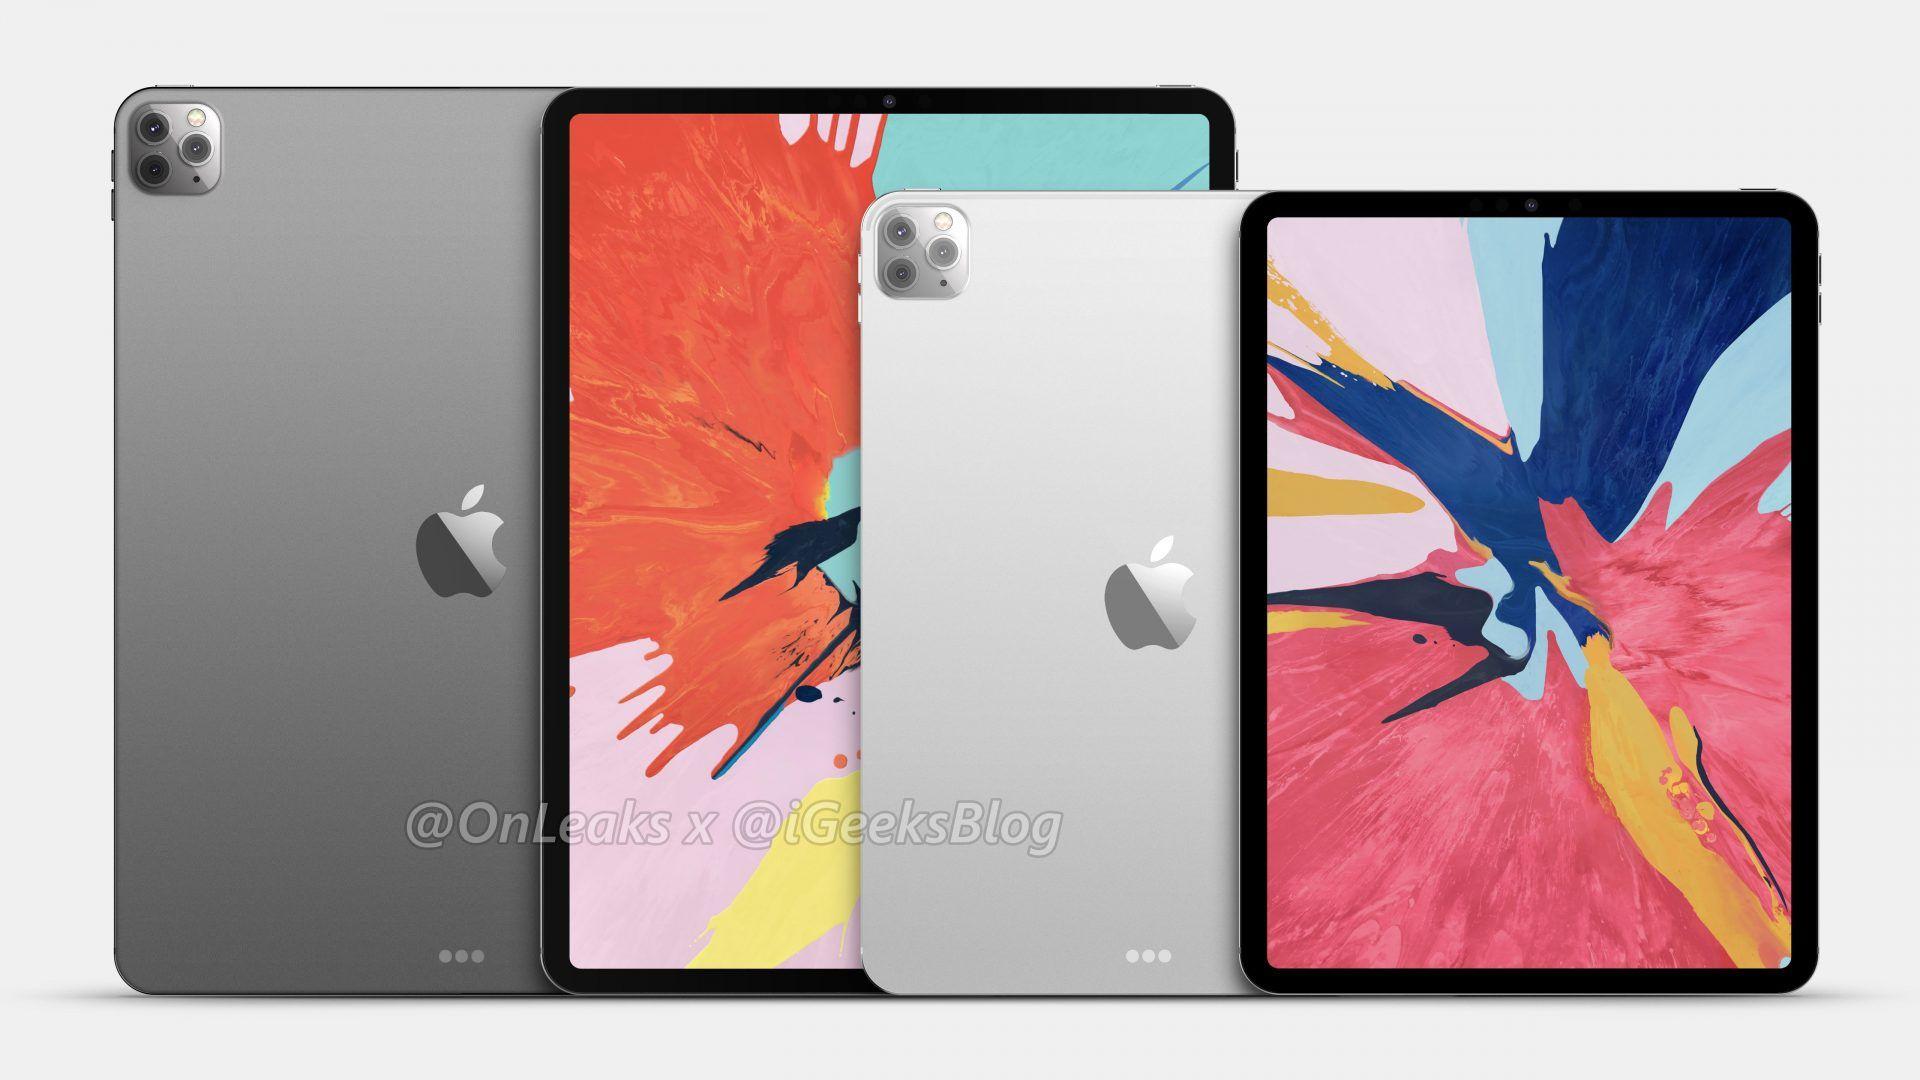 Wizualizacje prawdopodobnego wyglądu przyszłorocznego iPada Pro